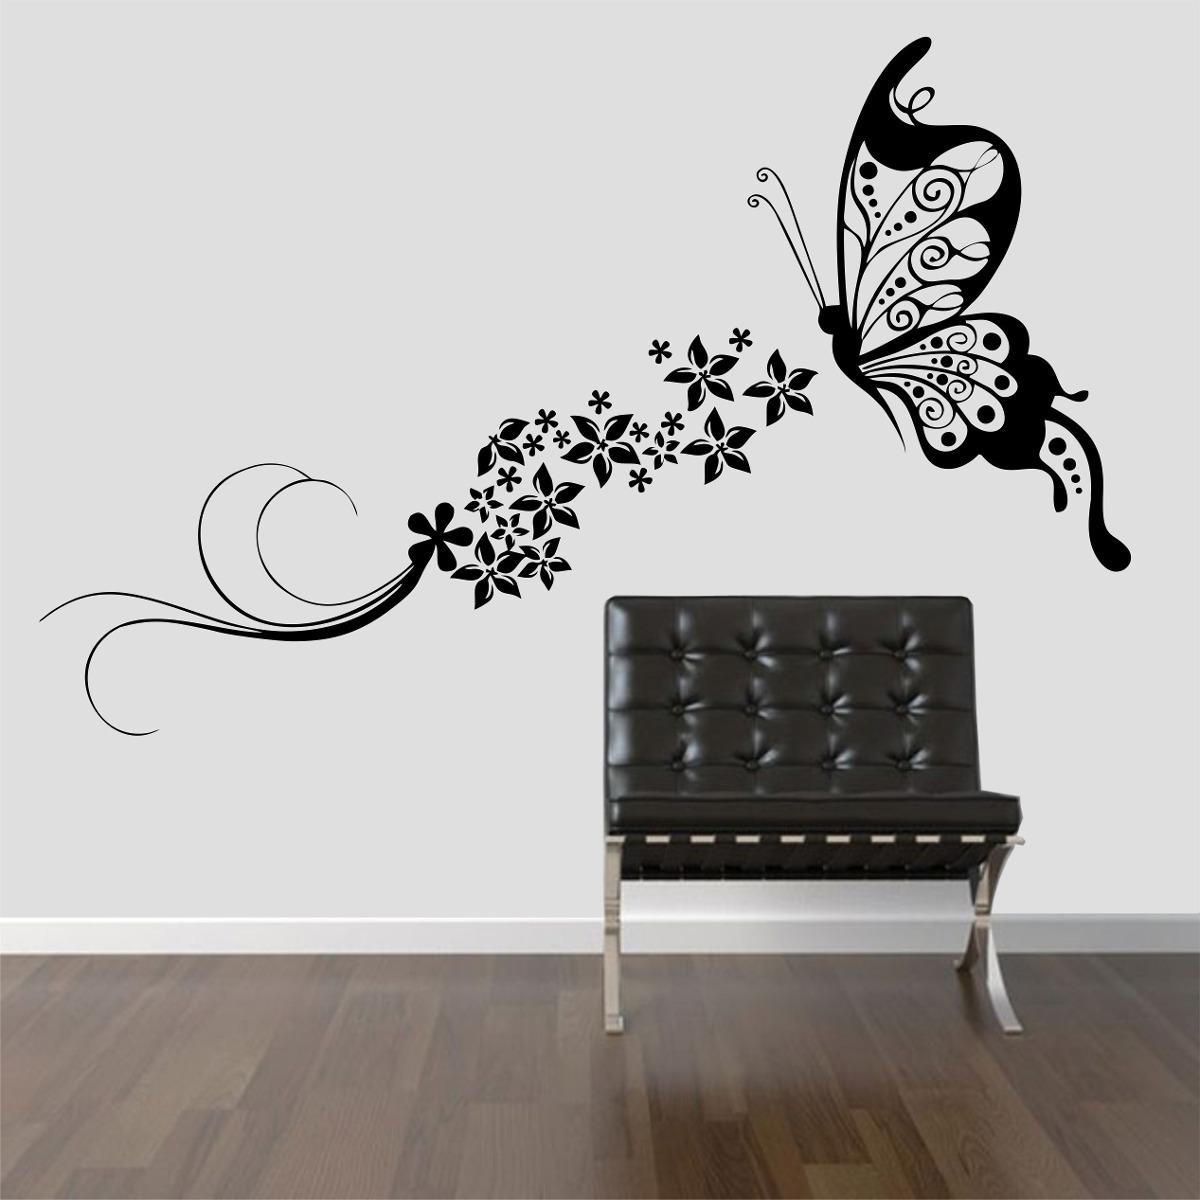 Armario Ferro Com Chave ~ Adesivo Decorativo Parede Borboleta Floral Flores Grande R$ 49,99 em Mercado Livre